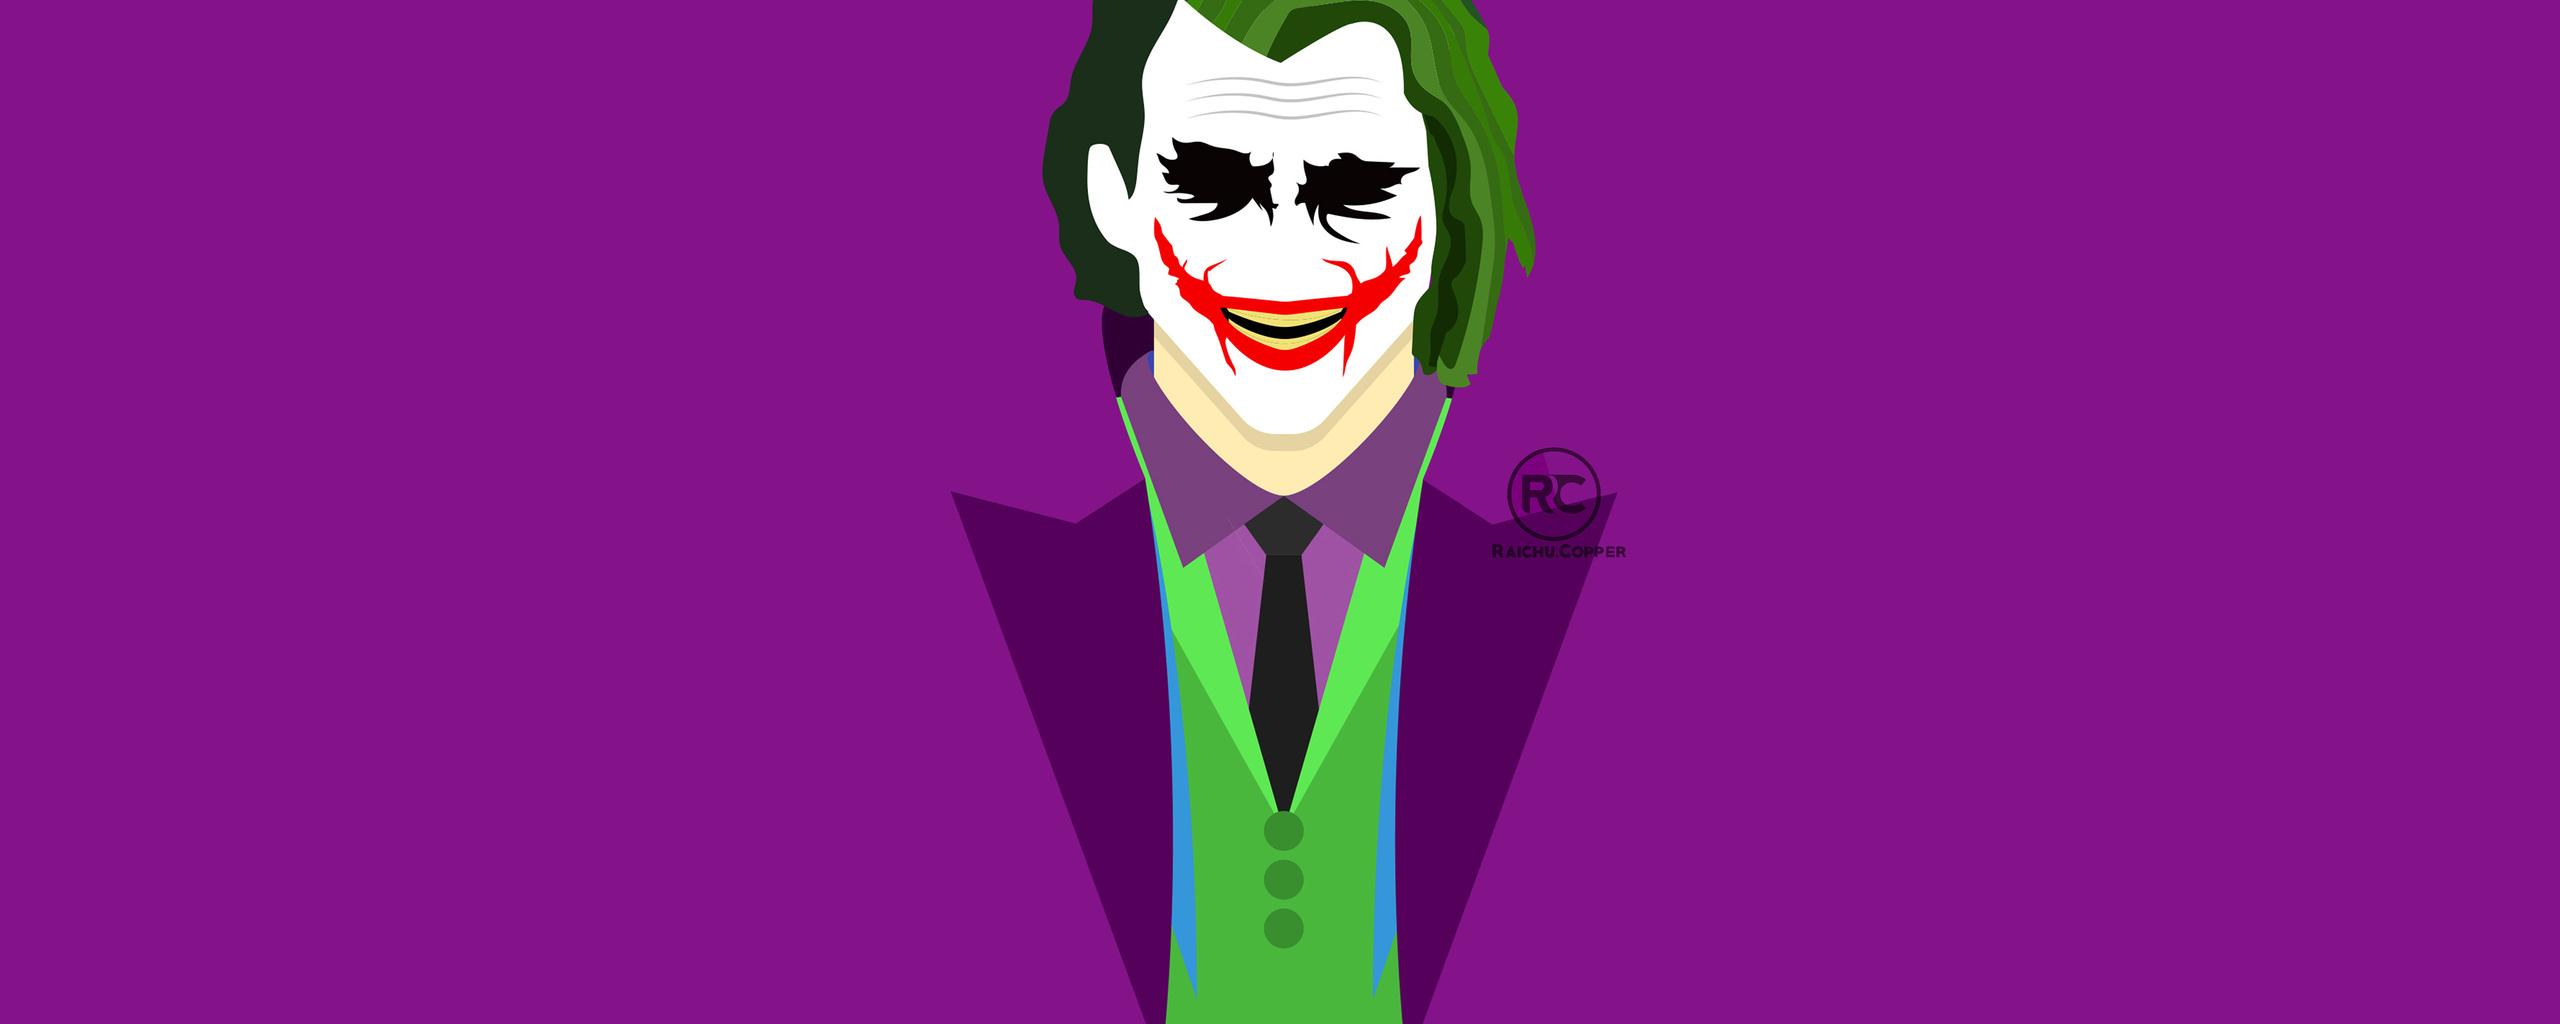 joker-heath-ledger-artwork-se.jpg